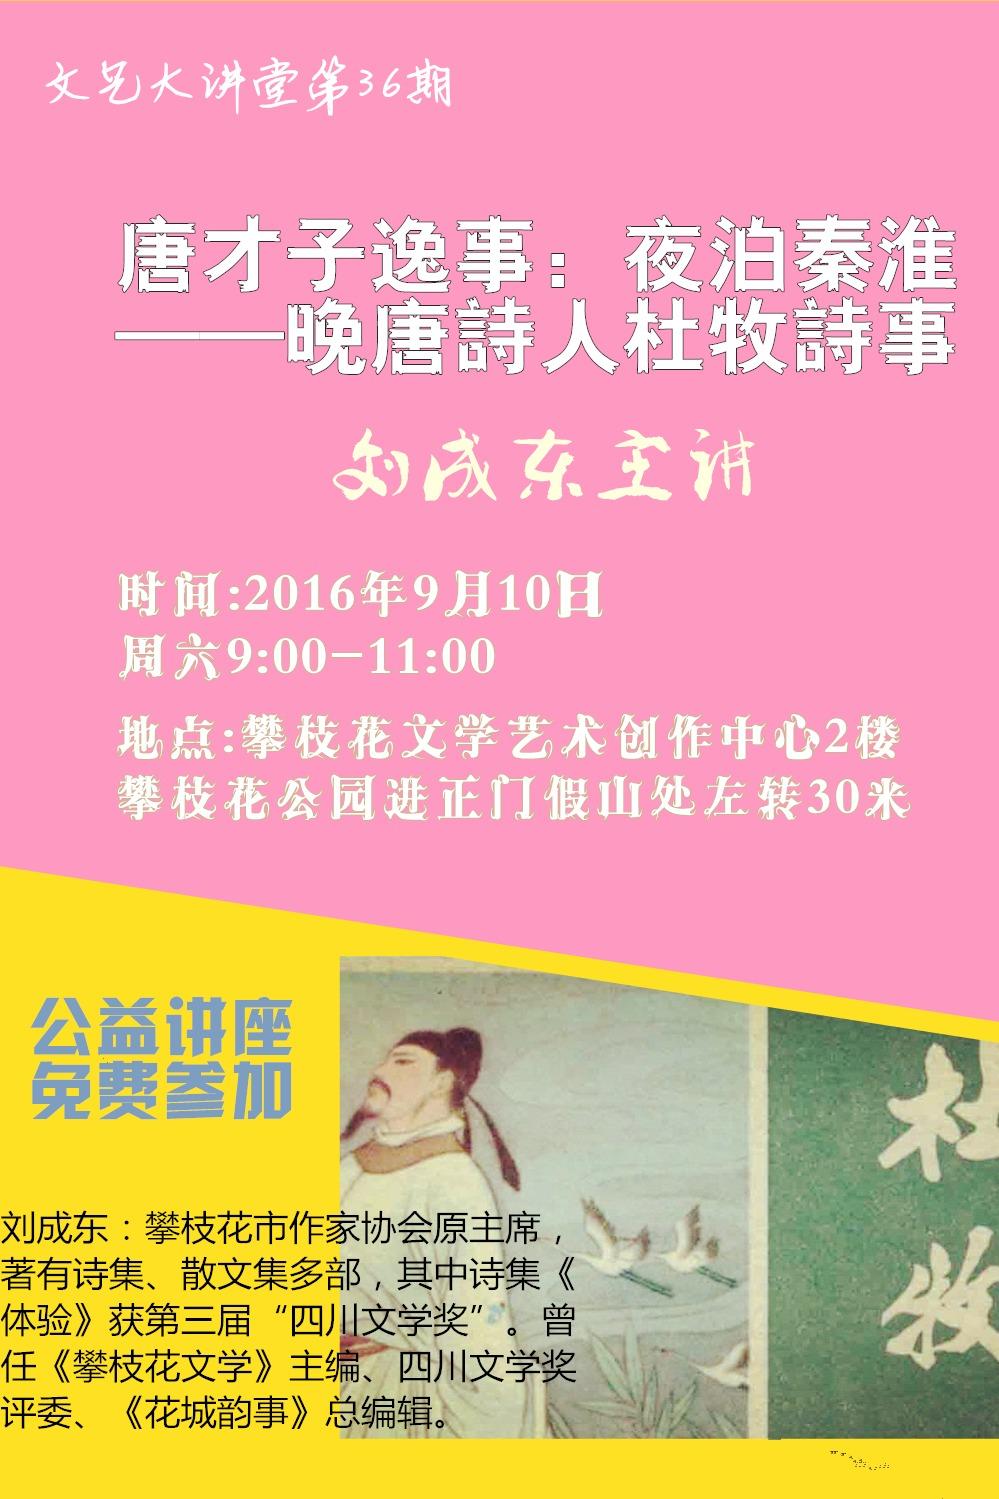 9月10日(周六)公益讲座:晚唐诗人杜牧诗事